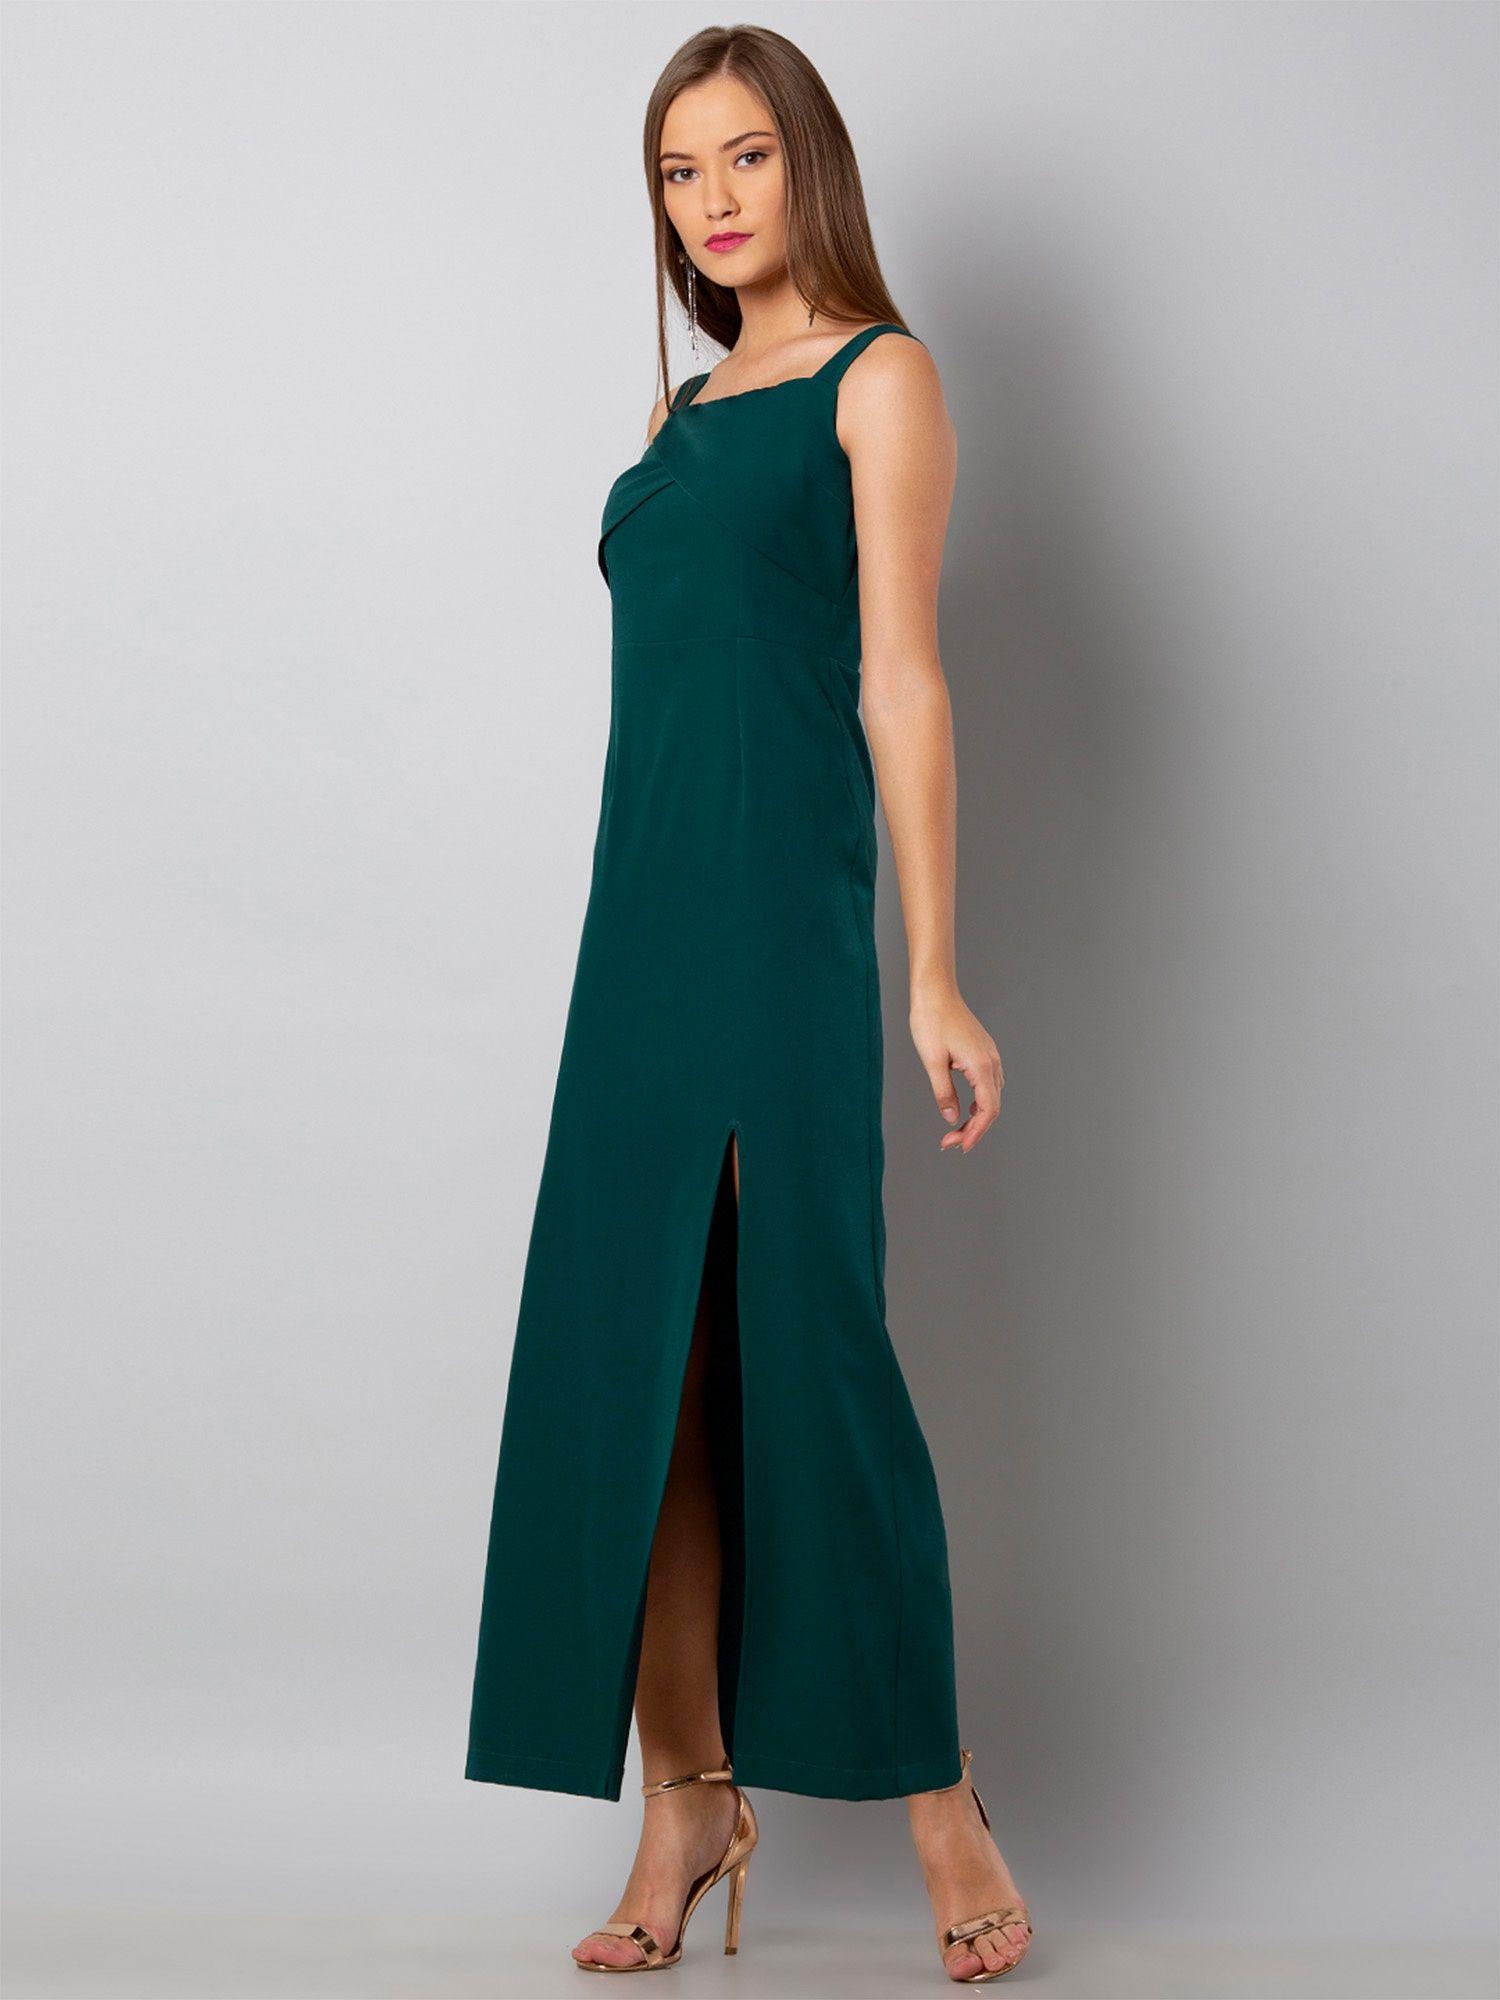 74e7a06f30d Faballey Dresses   Buy Faballey Green Overlap Yoke Maxi Dress Online ...